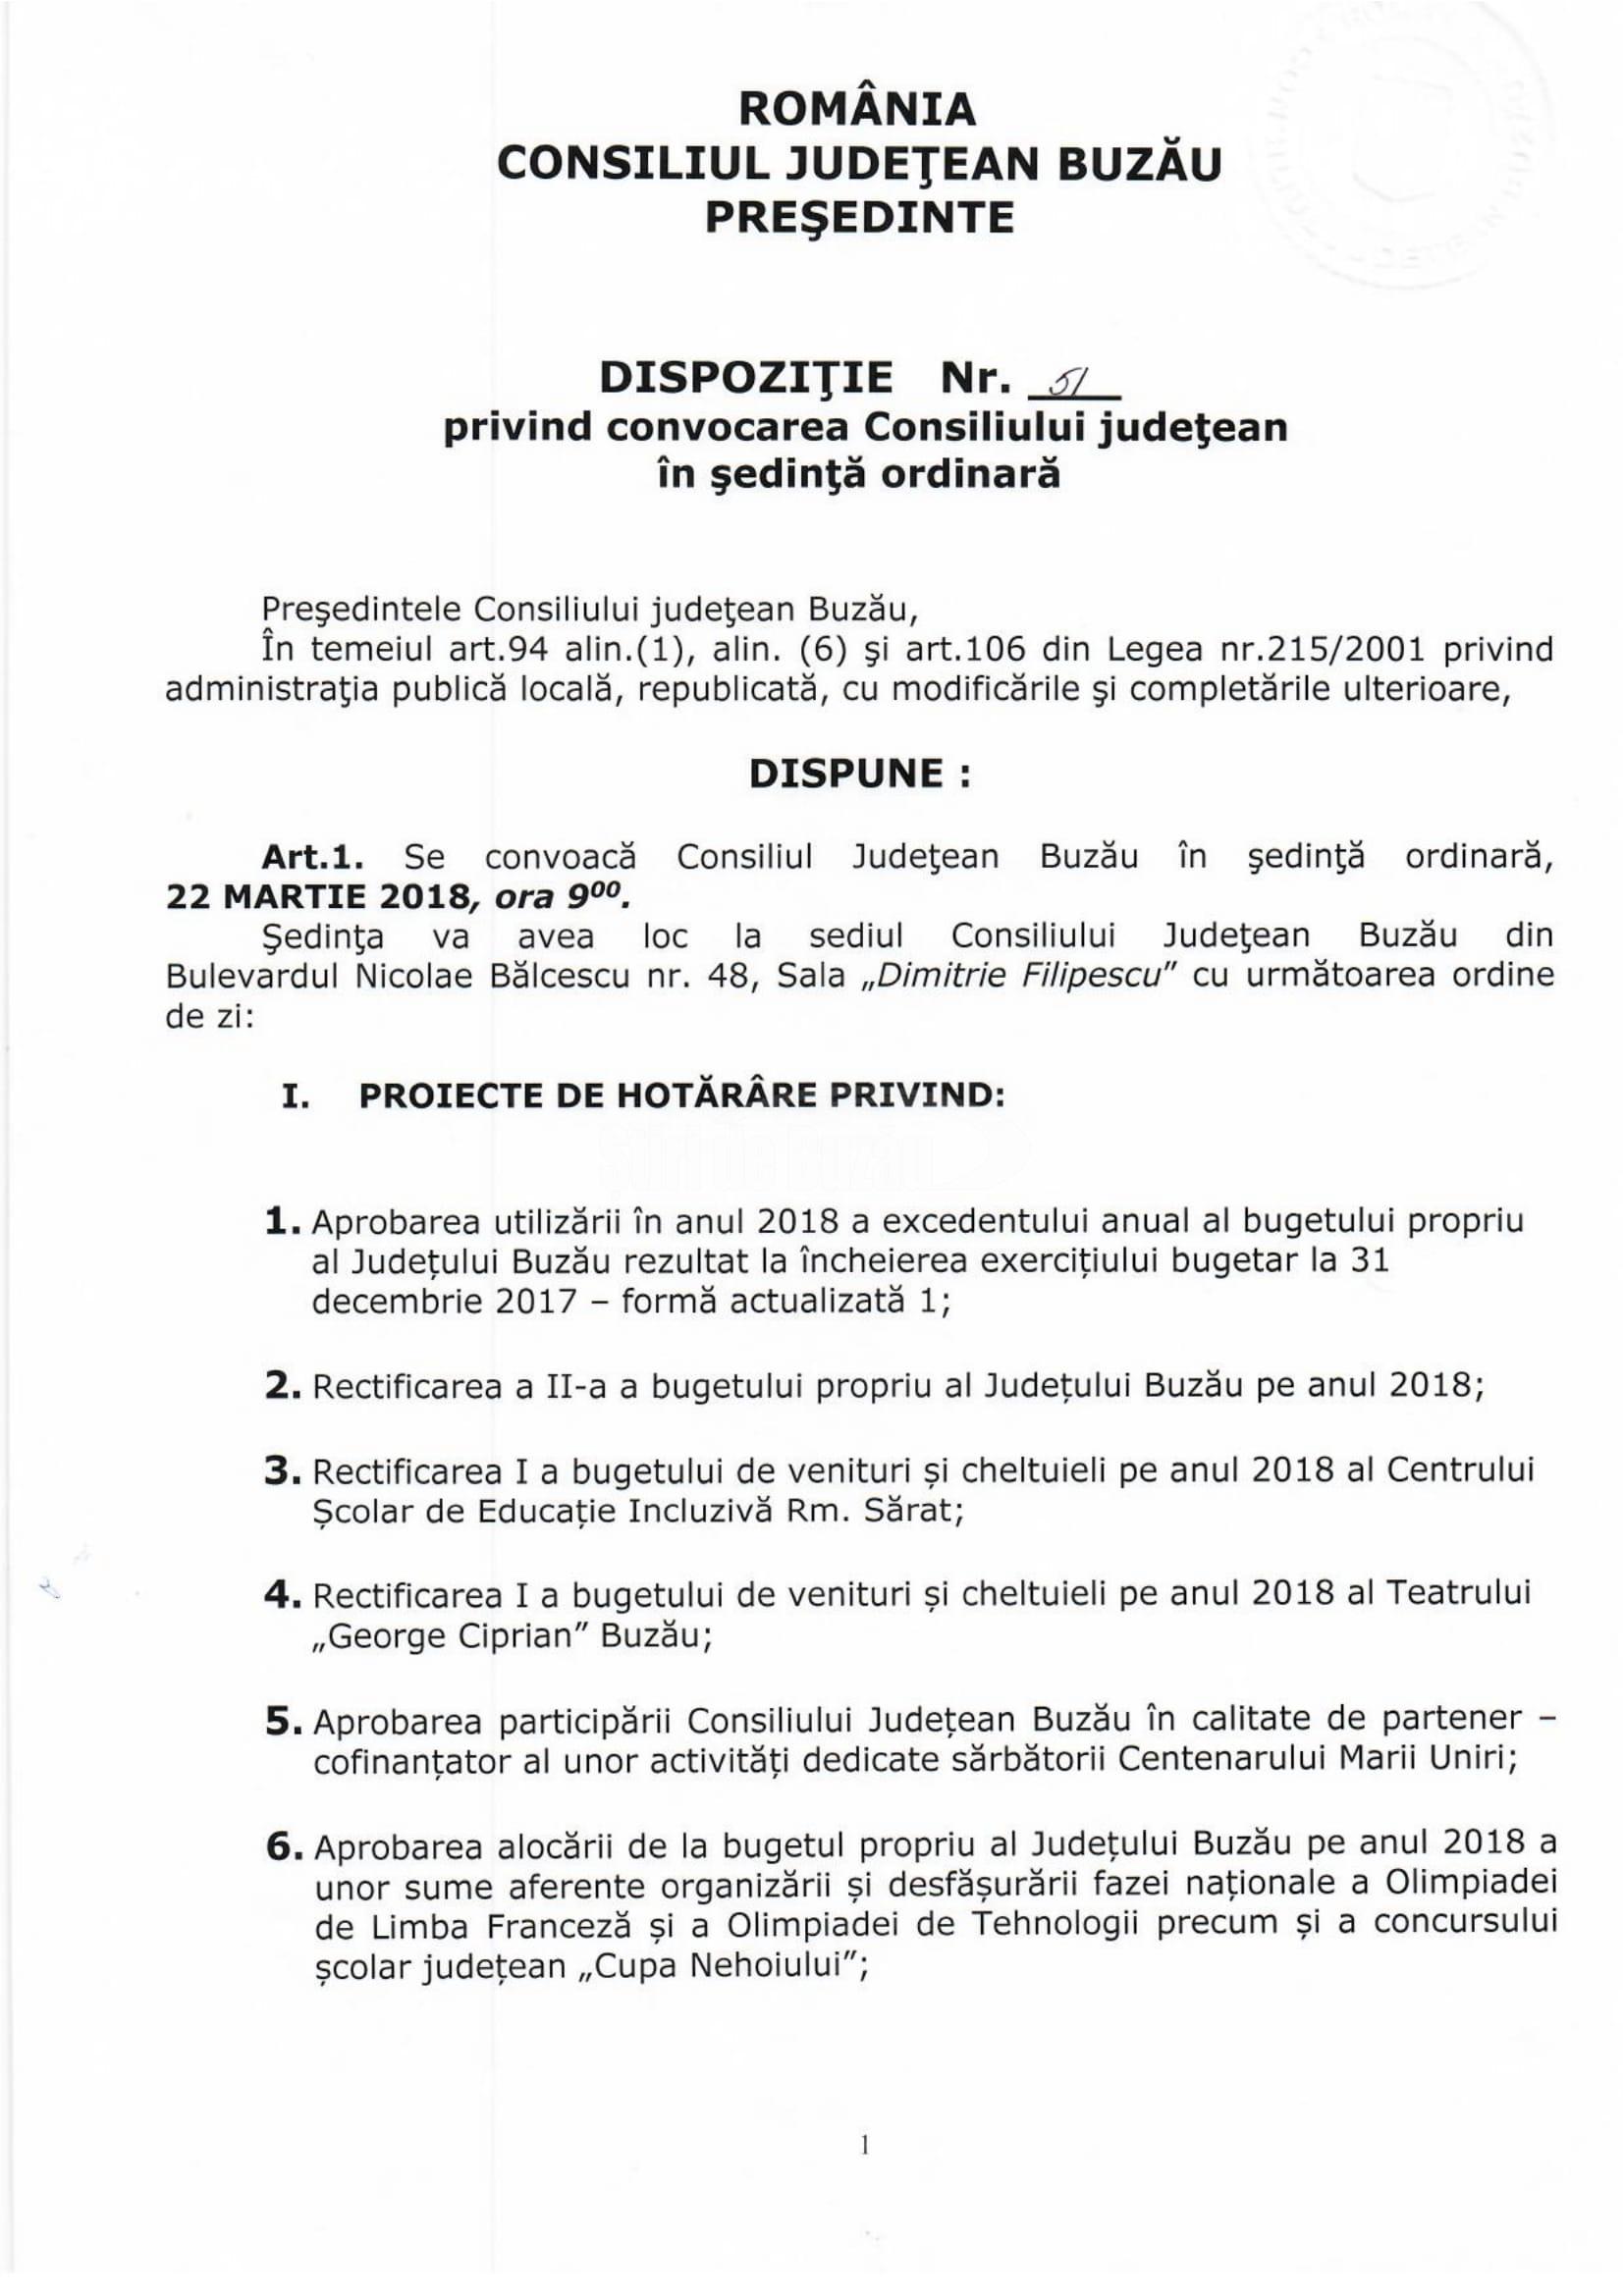 Dispoziția-de-convocare-nr.51-din-15.03.2018-1